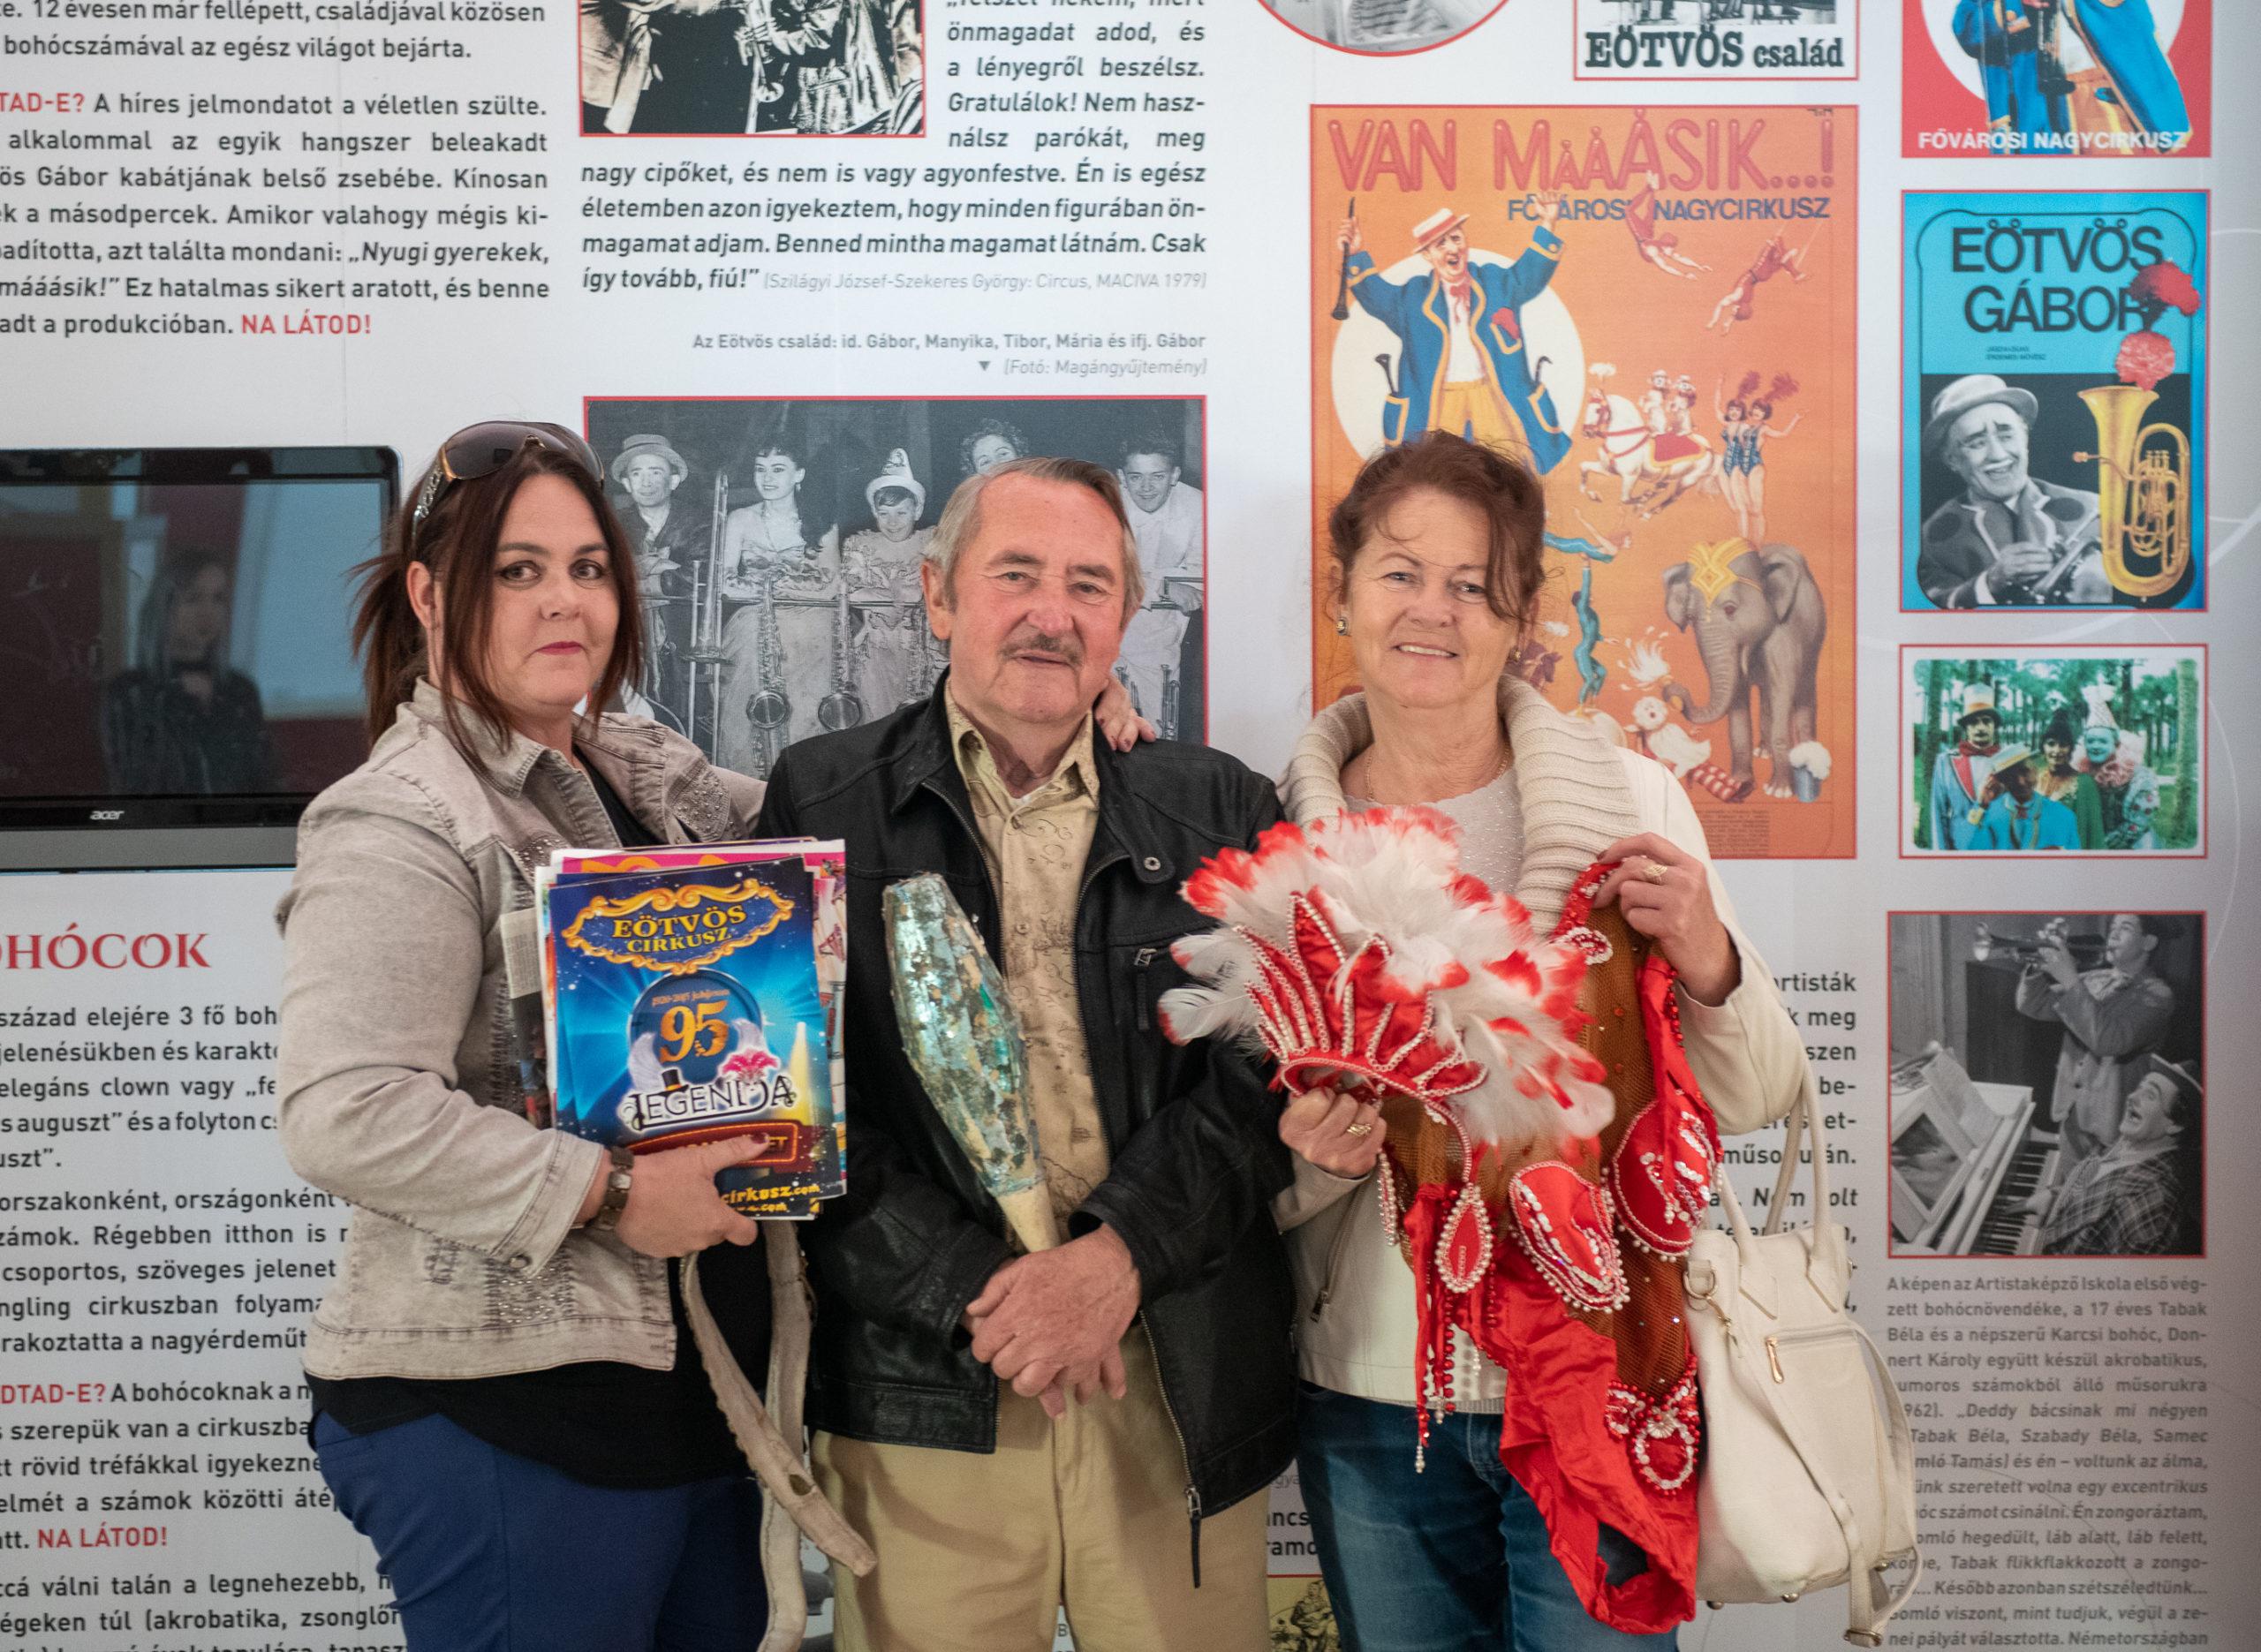 Különleges relikviákkal gyarapodott a Magyar Cirkuszművészeti Múzeum műtárgy gyűjteménye